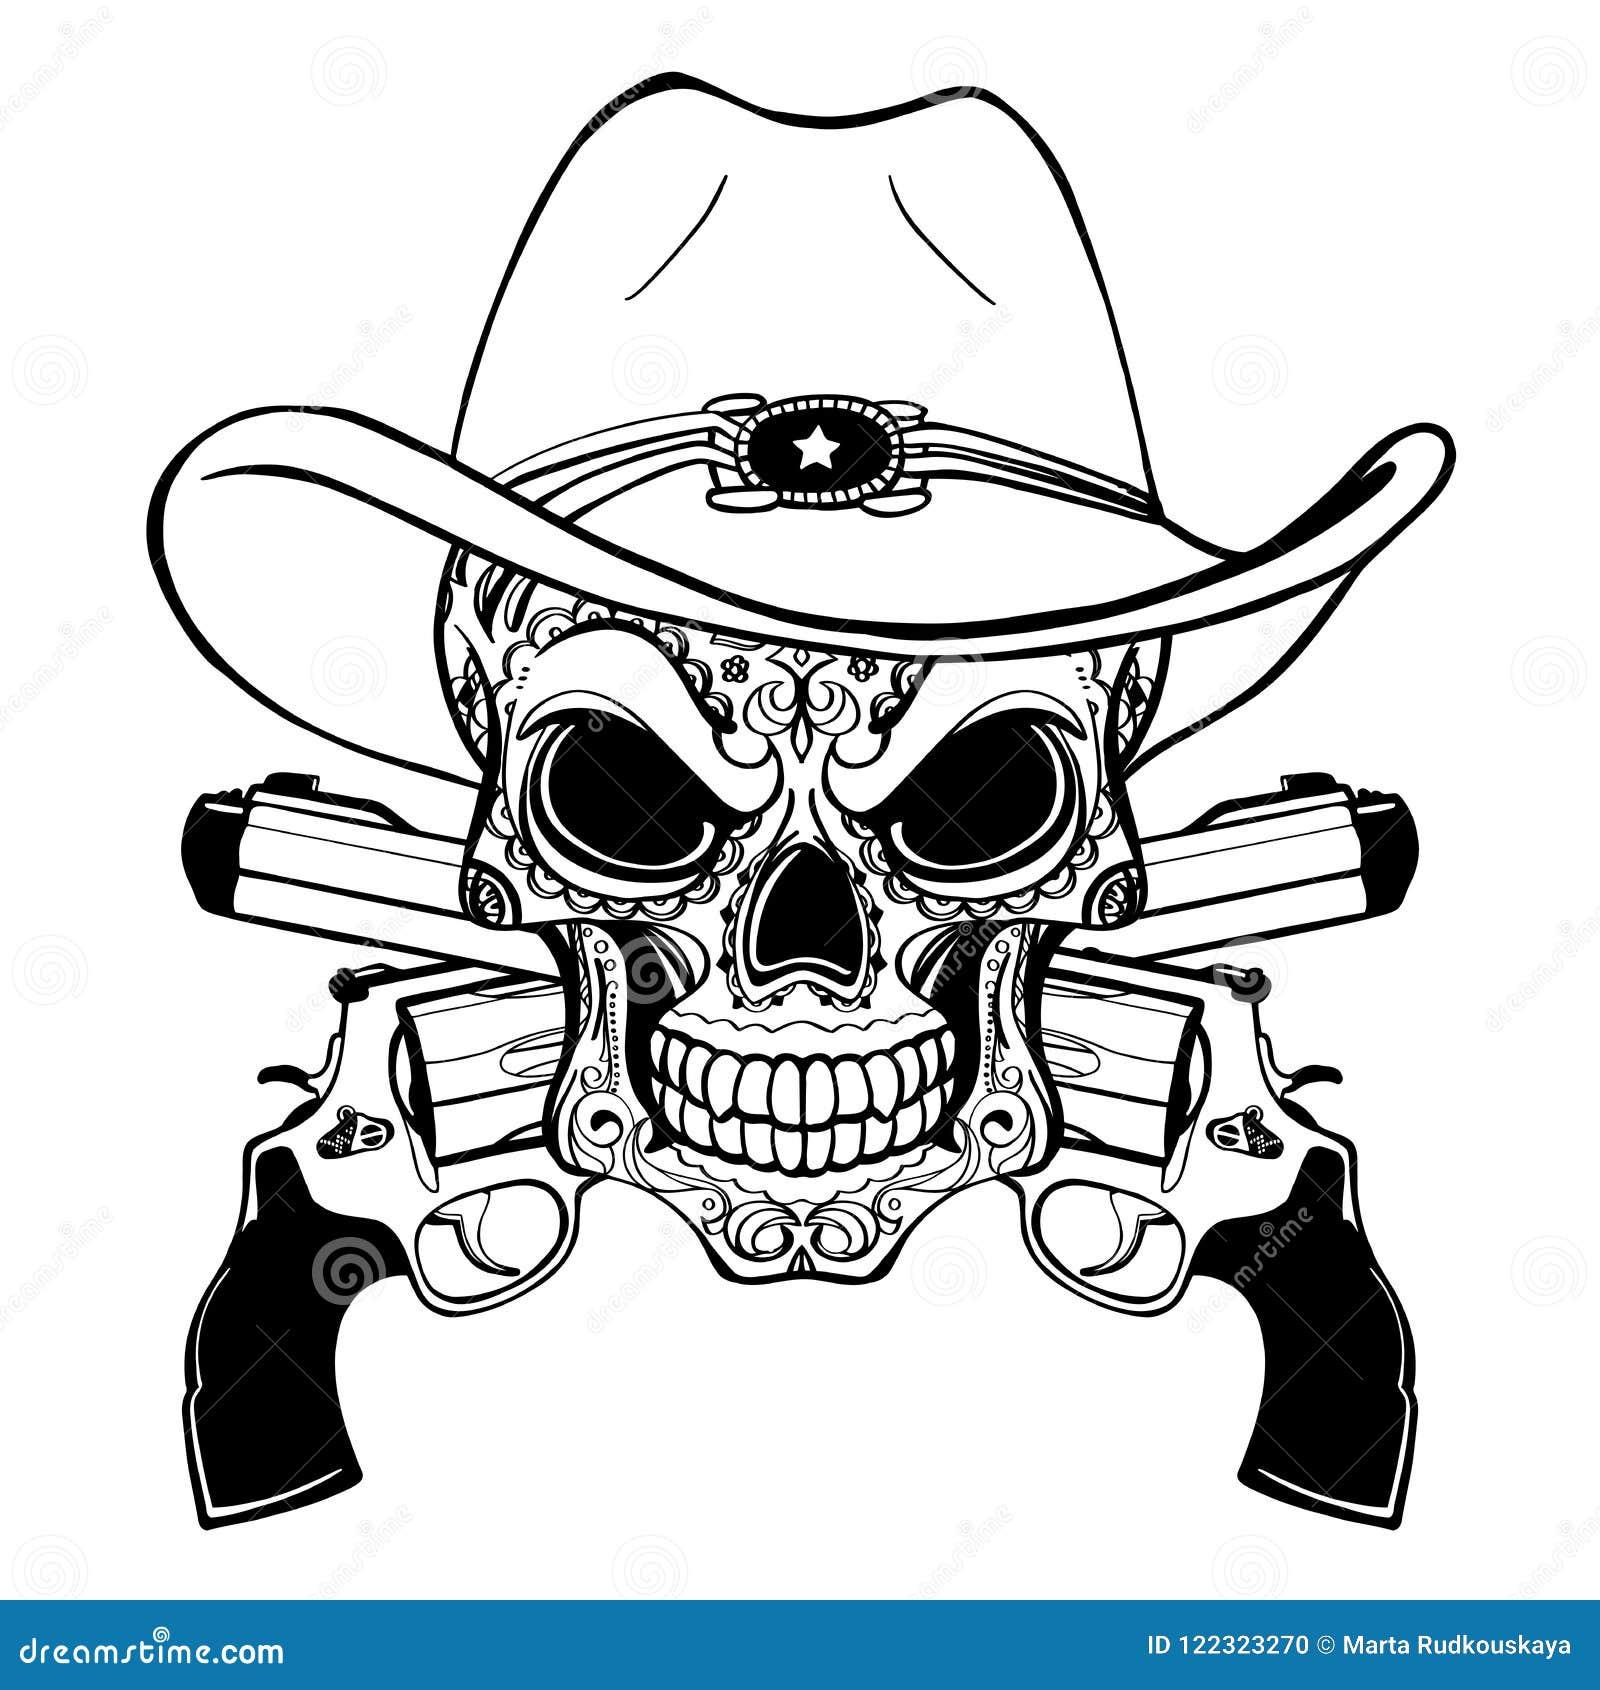 Κρανίο κάουμποϋ σε ένα δυτικό καπέλο και ένα ζευγάρι των διασχισμένων πυροβόλων όπλων